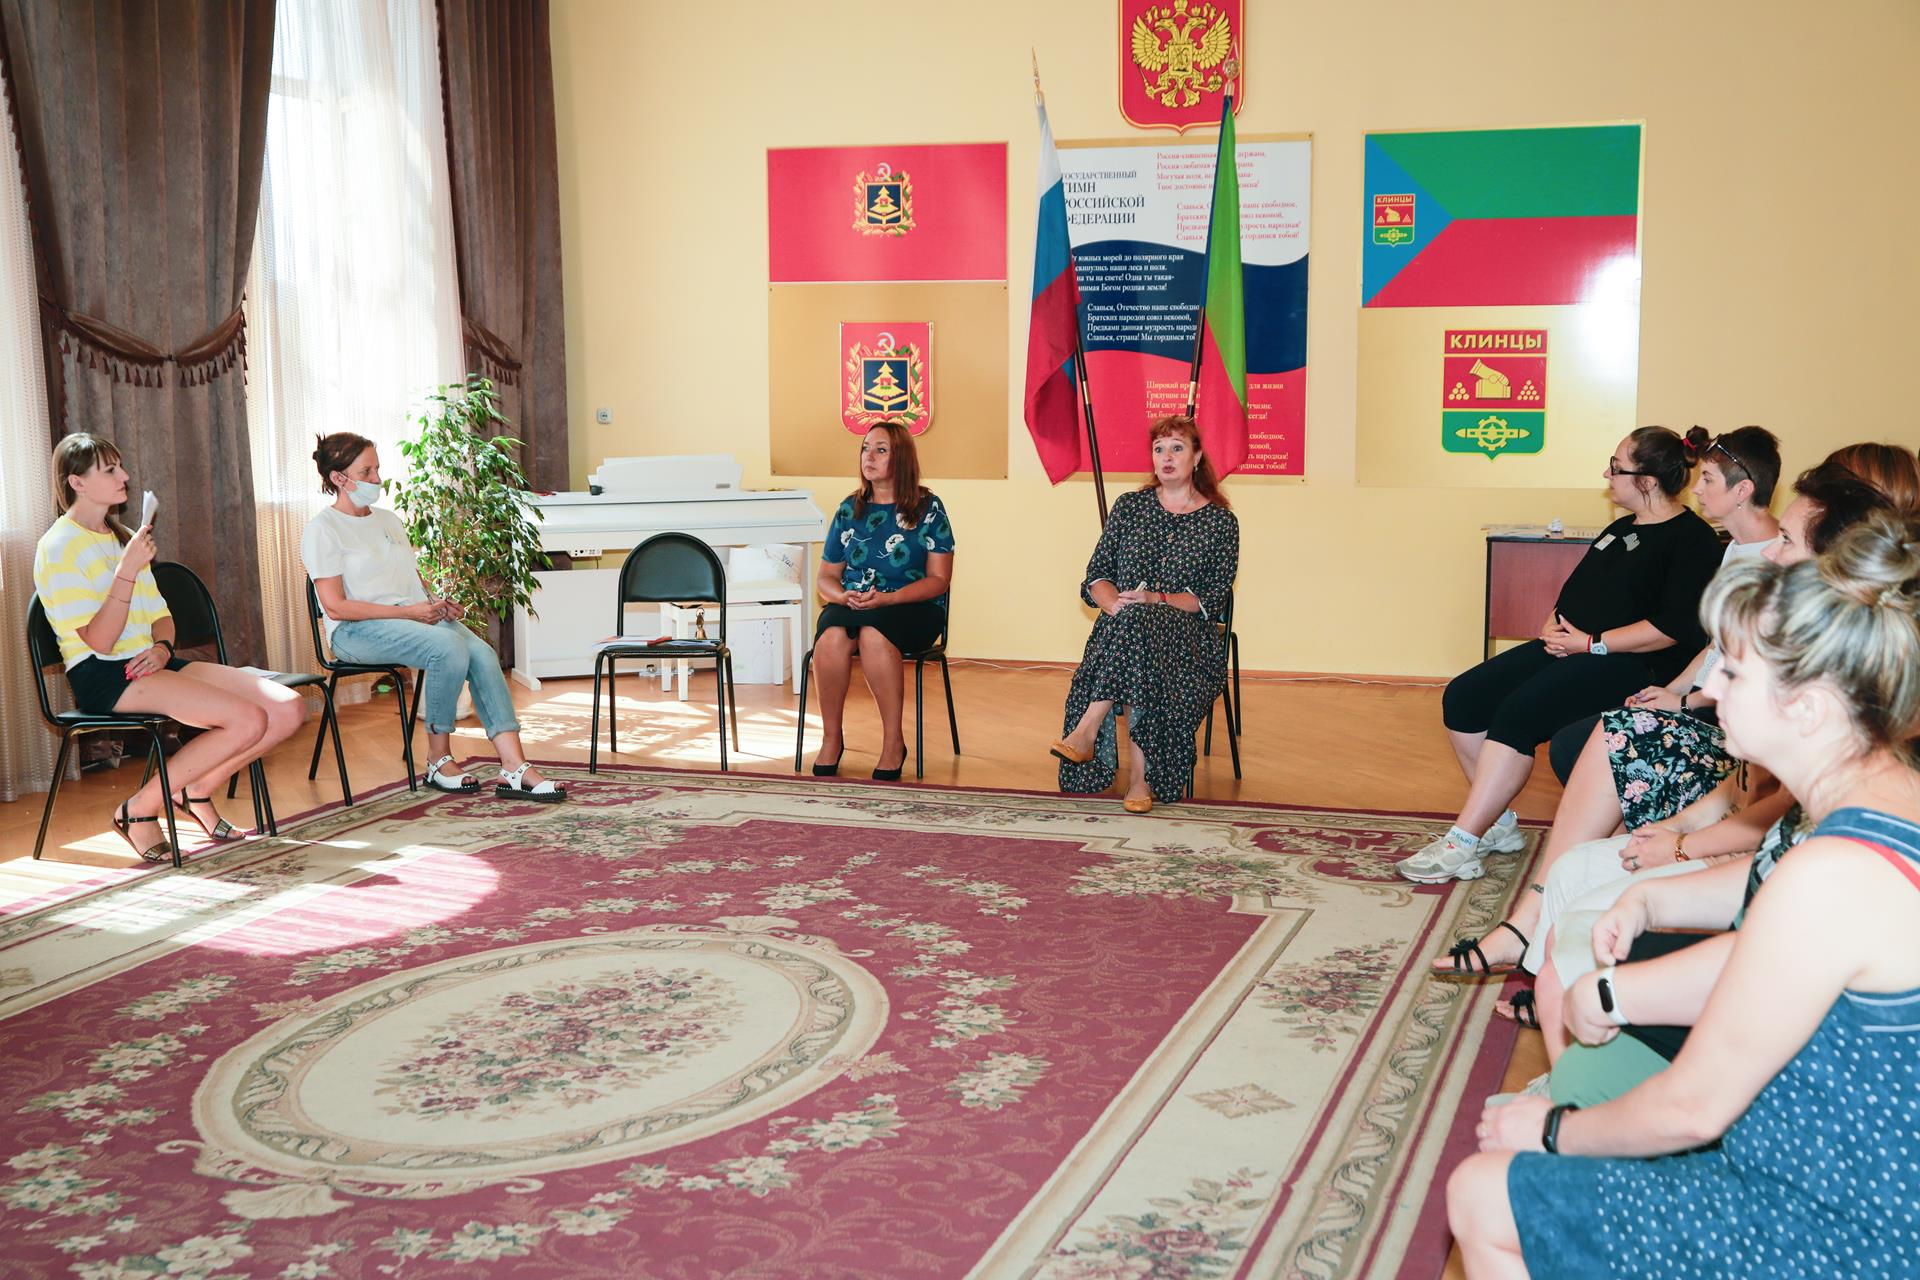 В Клинцах проходит 5-дневный обучающий семинар для педагогов-психологов средних общеобразовательных школ города по программе «ЛадьЯ»